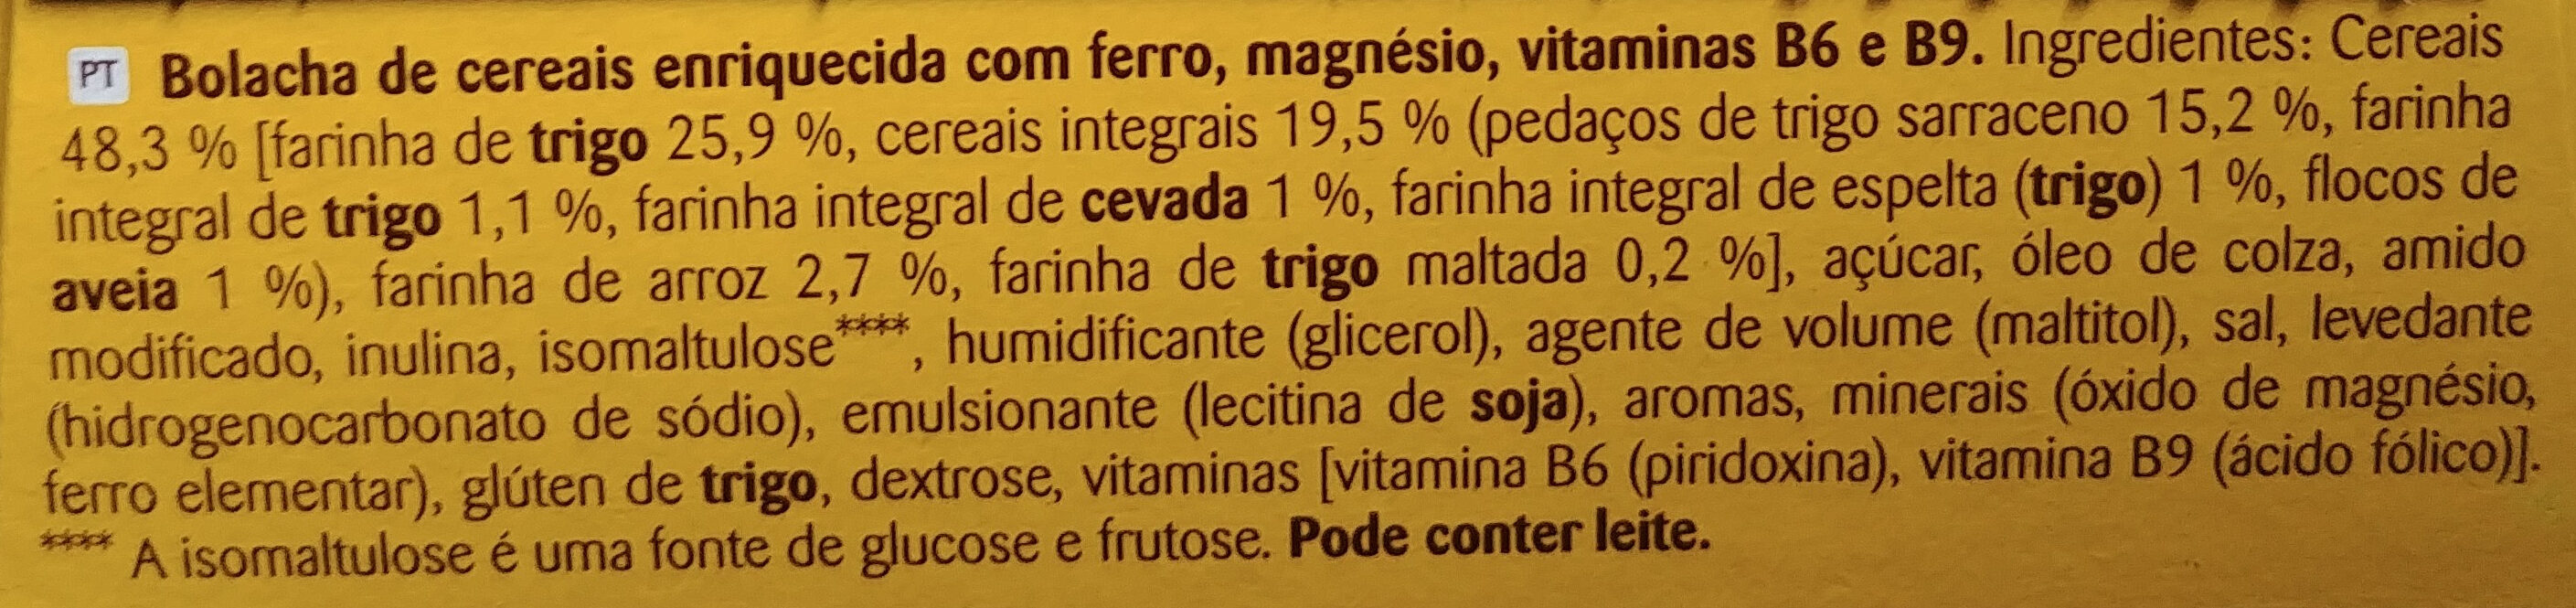 Bolacha de cereais enriquecida com ferro, magnesio, vitaminas B6 e B9. - Ingredientes - pt